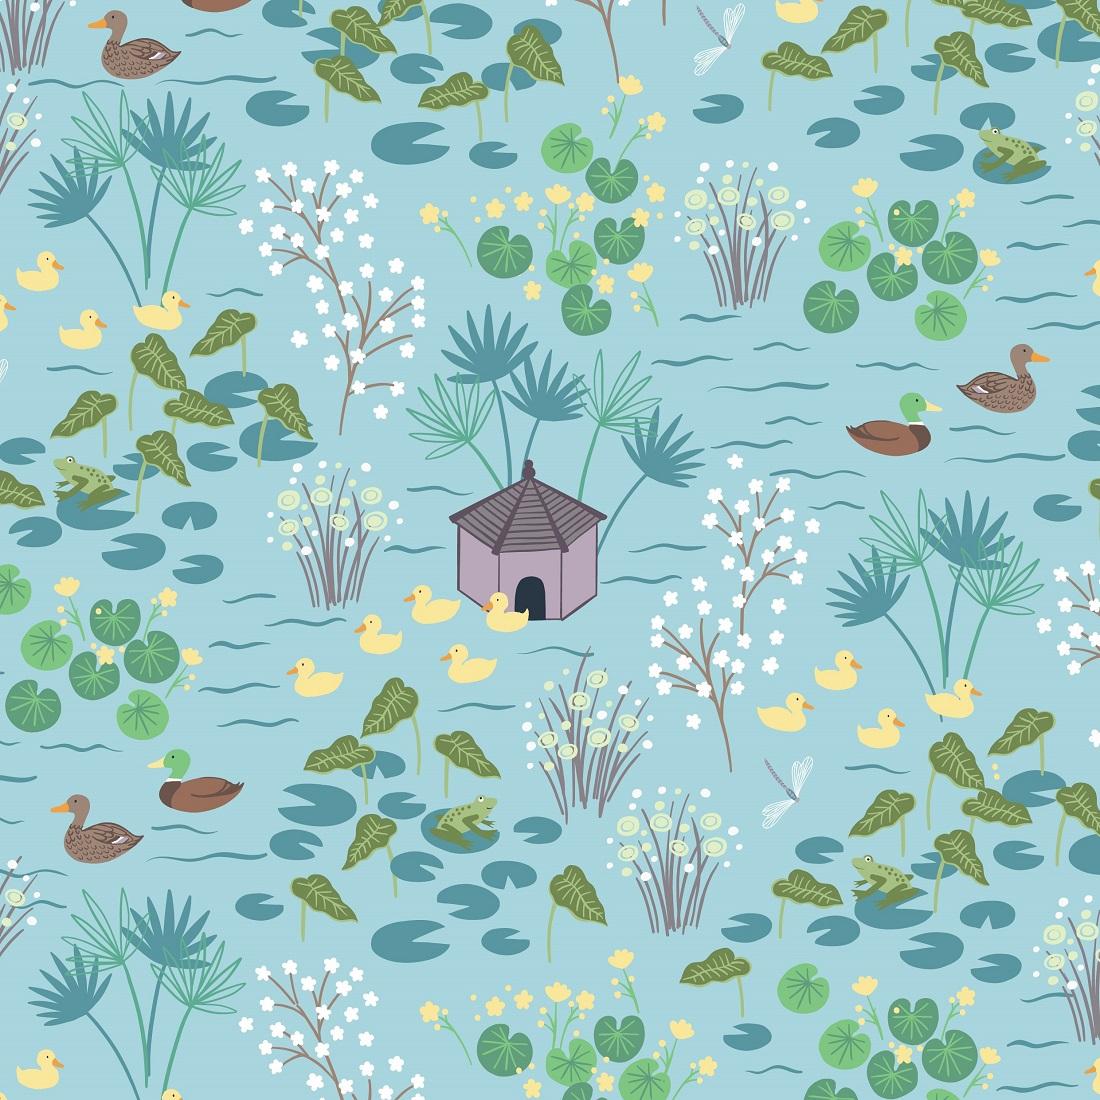 Village Pond Duckpond Duckegg Craft Fabric